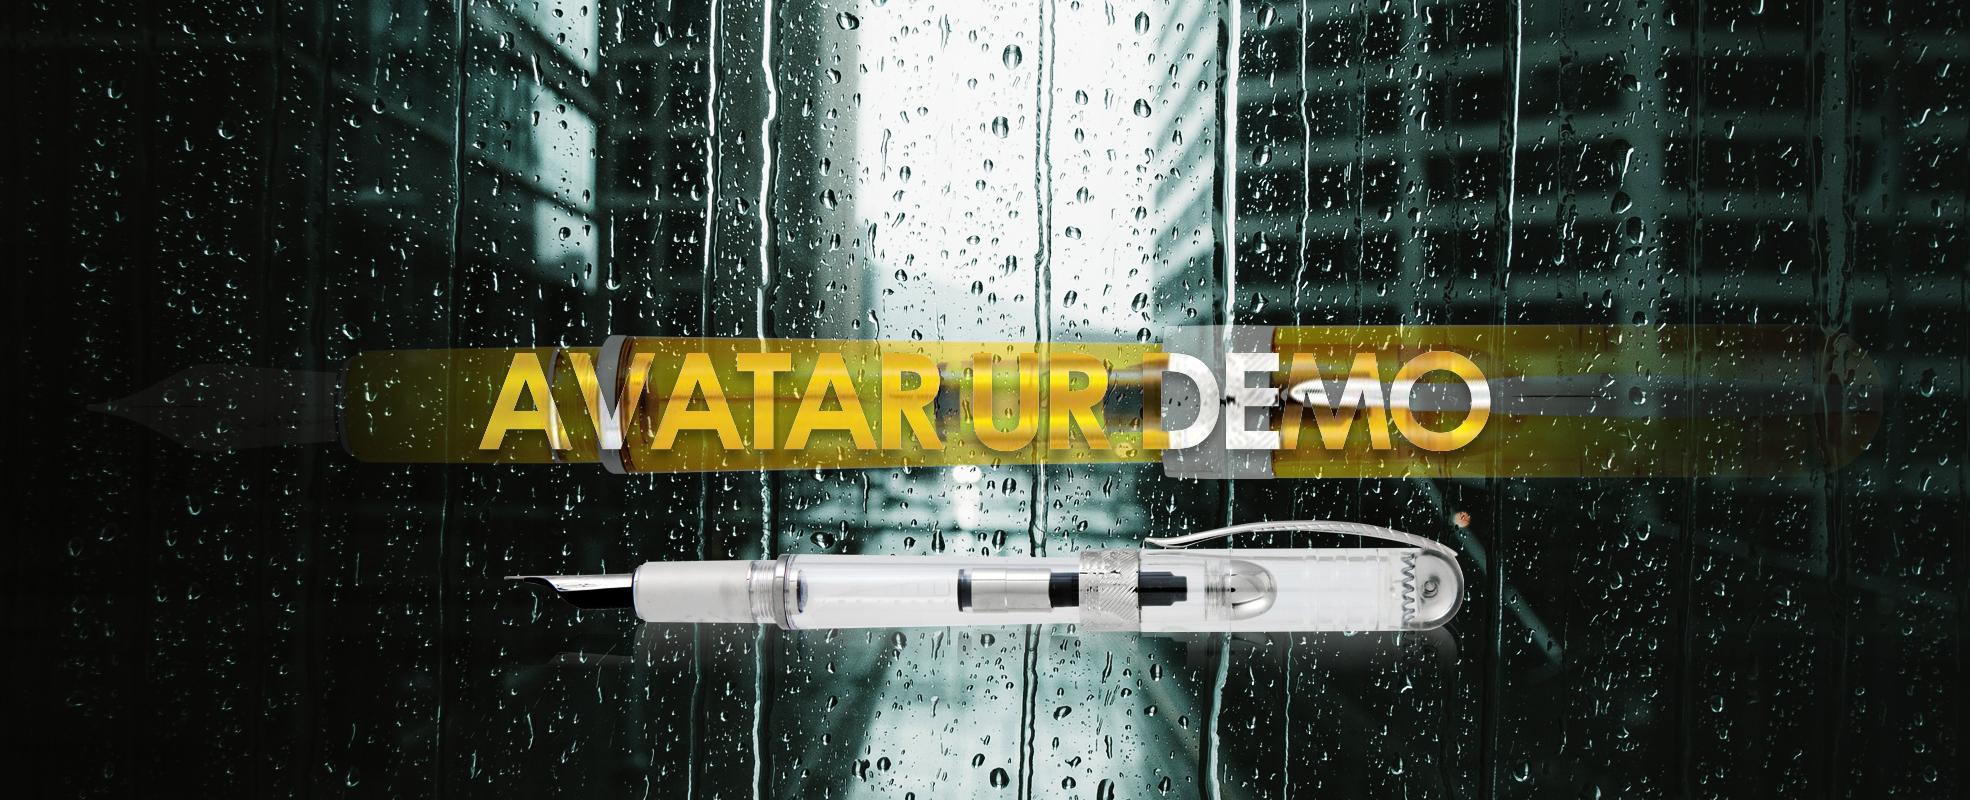 avatar-ur-demo-banner-new.jpg